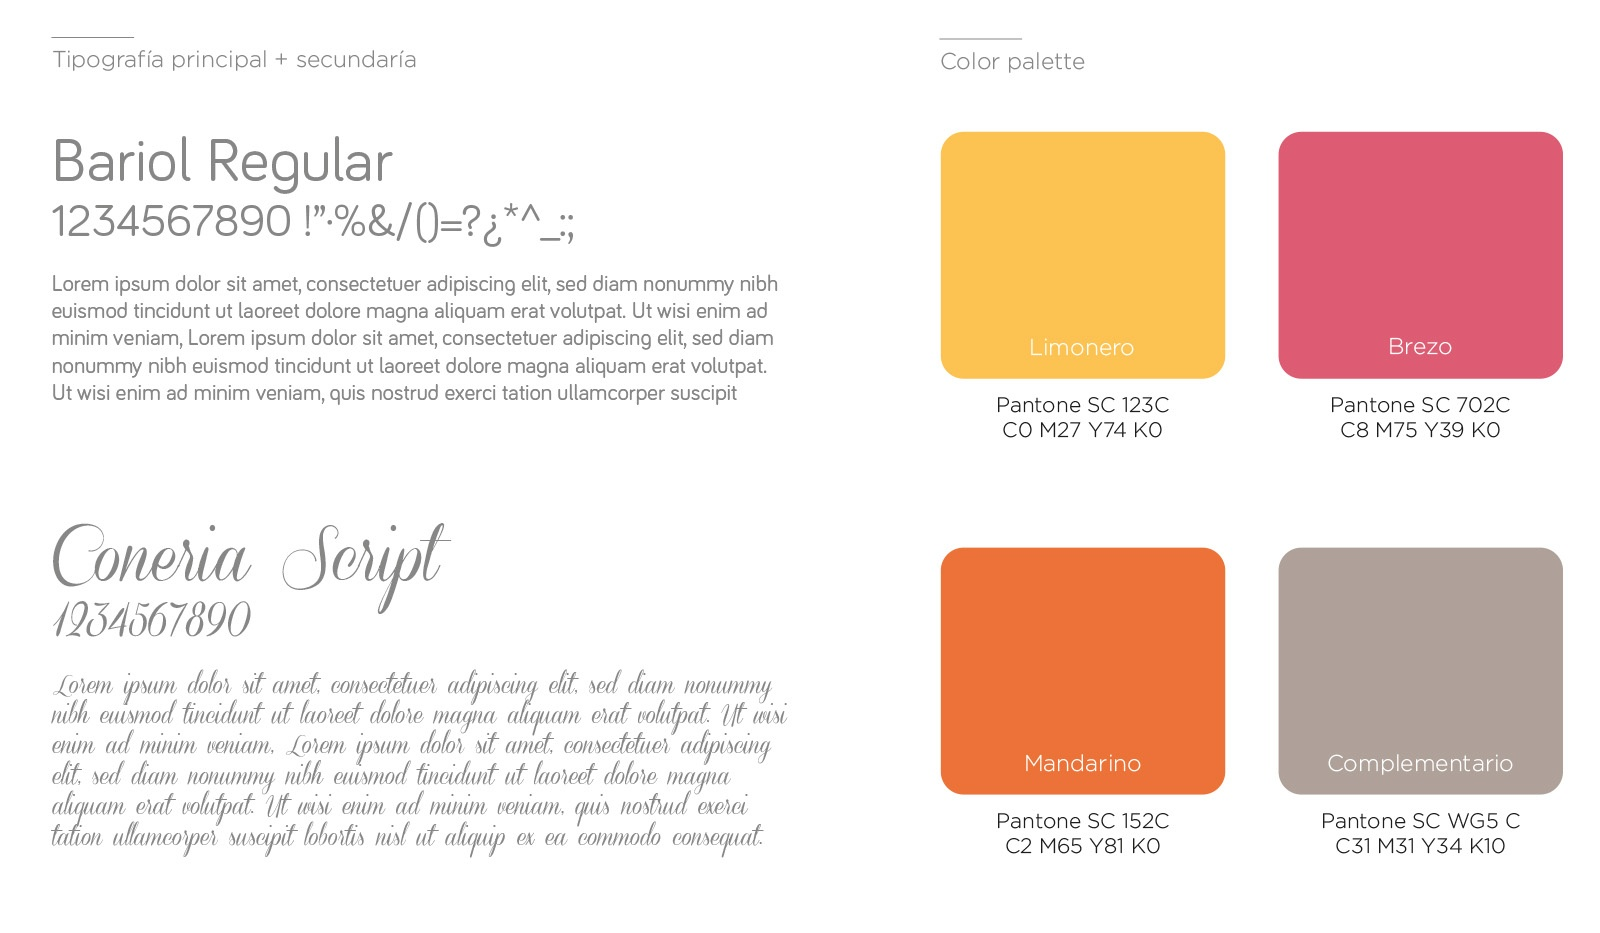 tipografía corporativa y colores corporativos